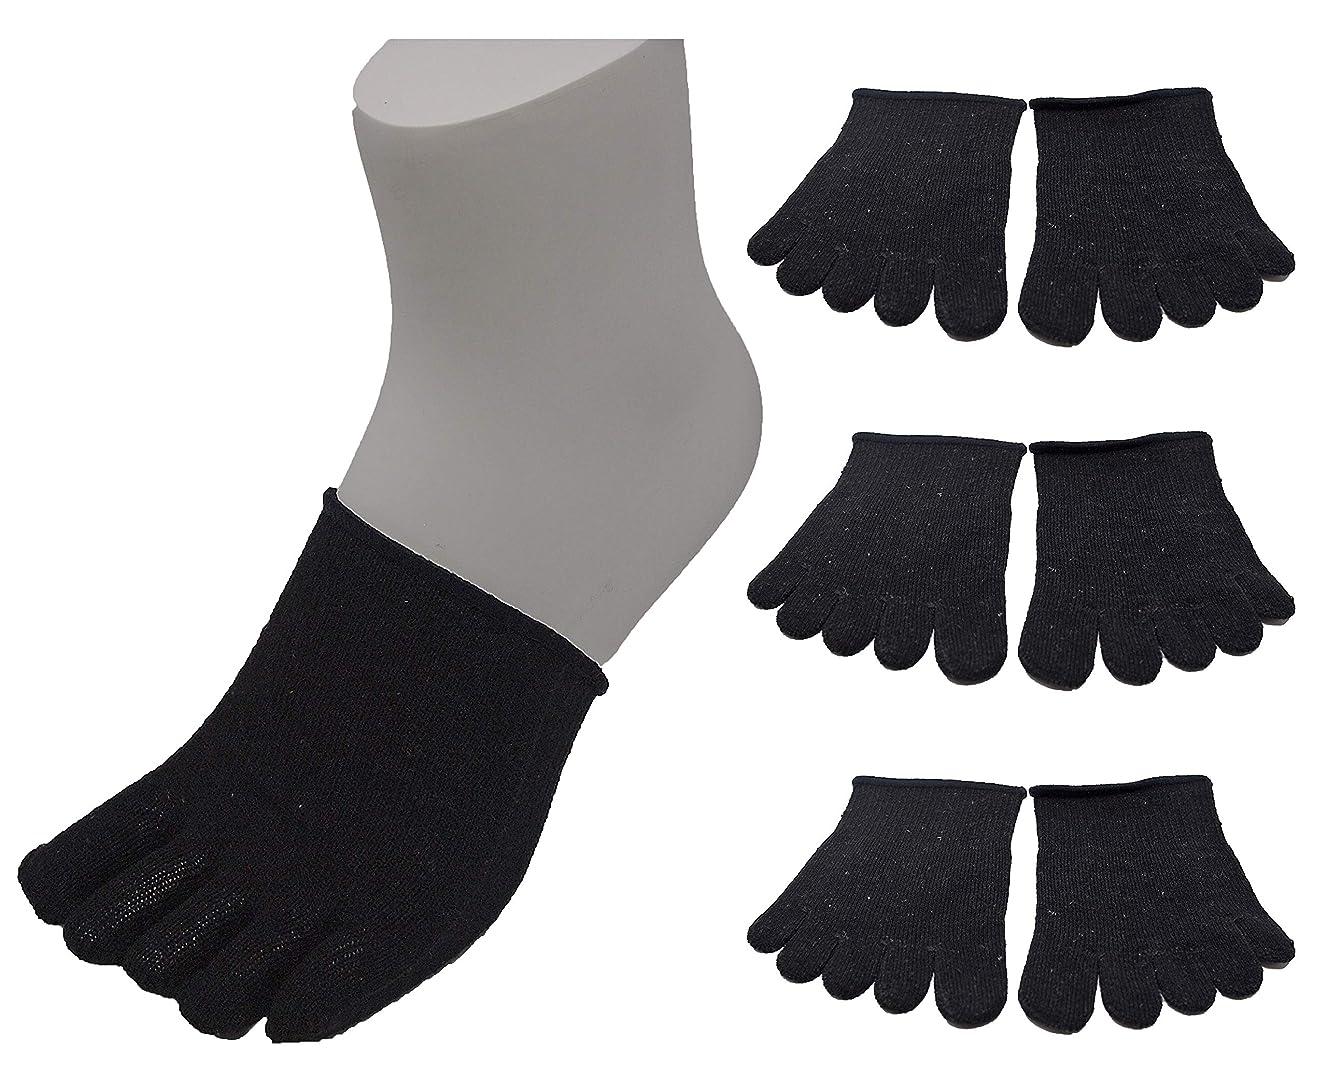 スカープ主権者ユーモラスUSK STORE シルク 5本指ハーフソックス 3足セット 重ね履き 冷え取り 天然素材 男女兼用 22-27cm (黒)